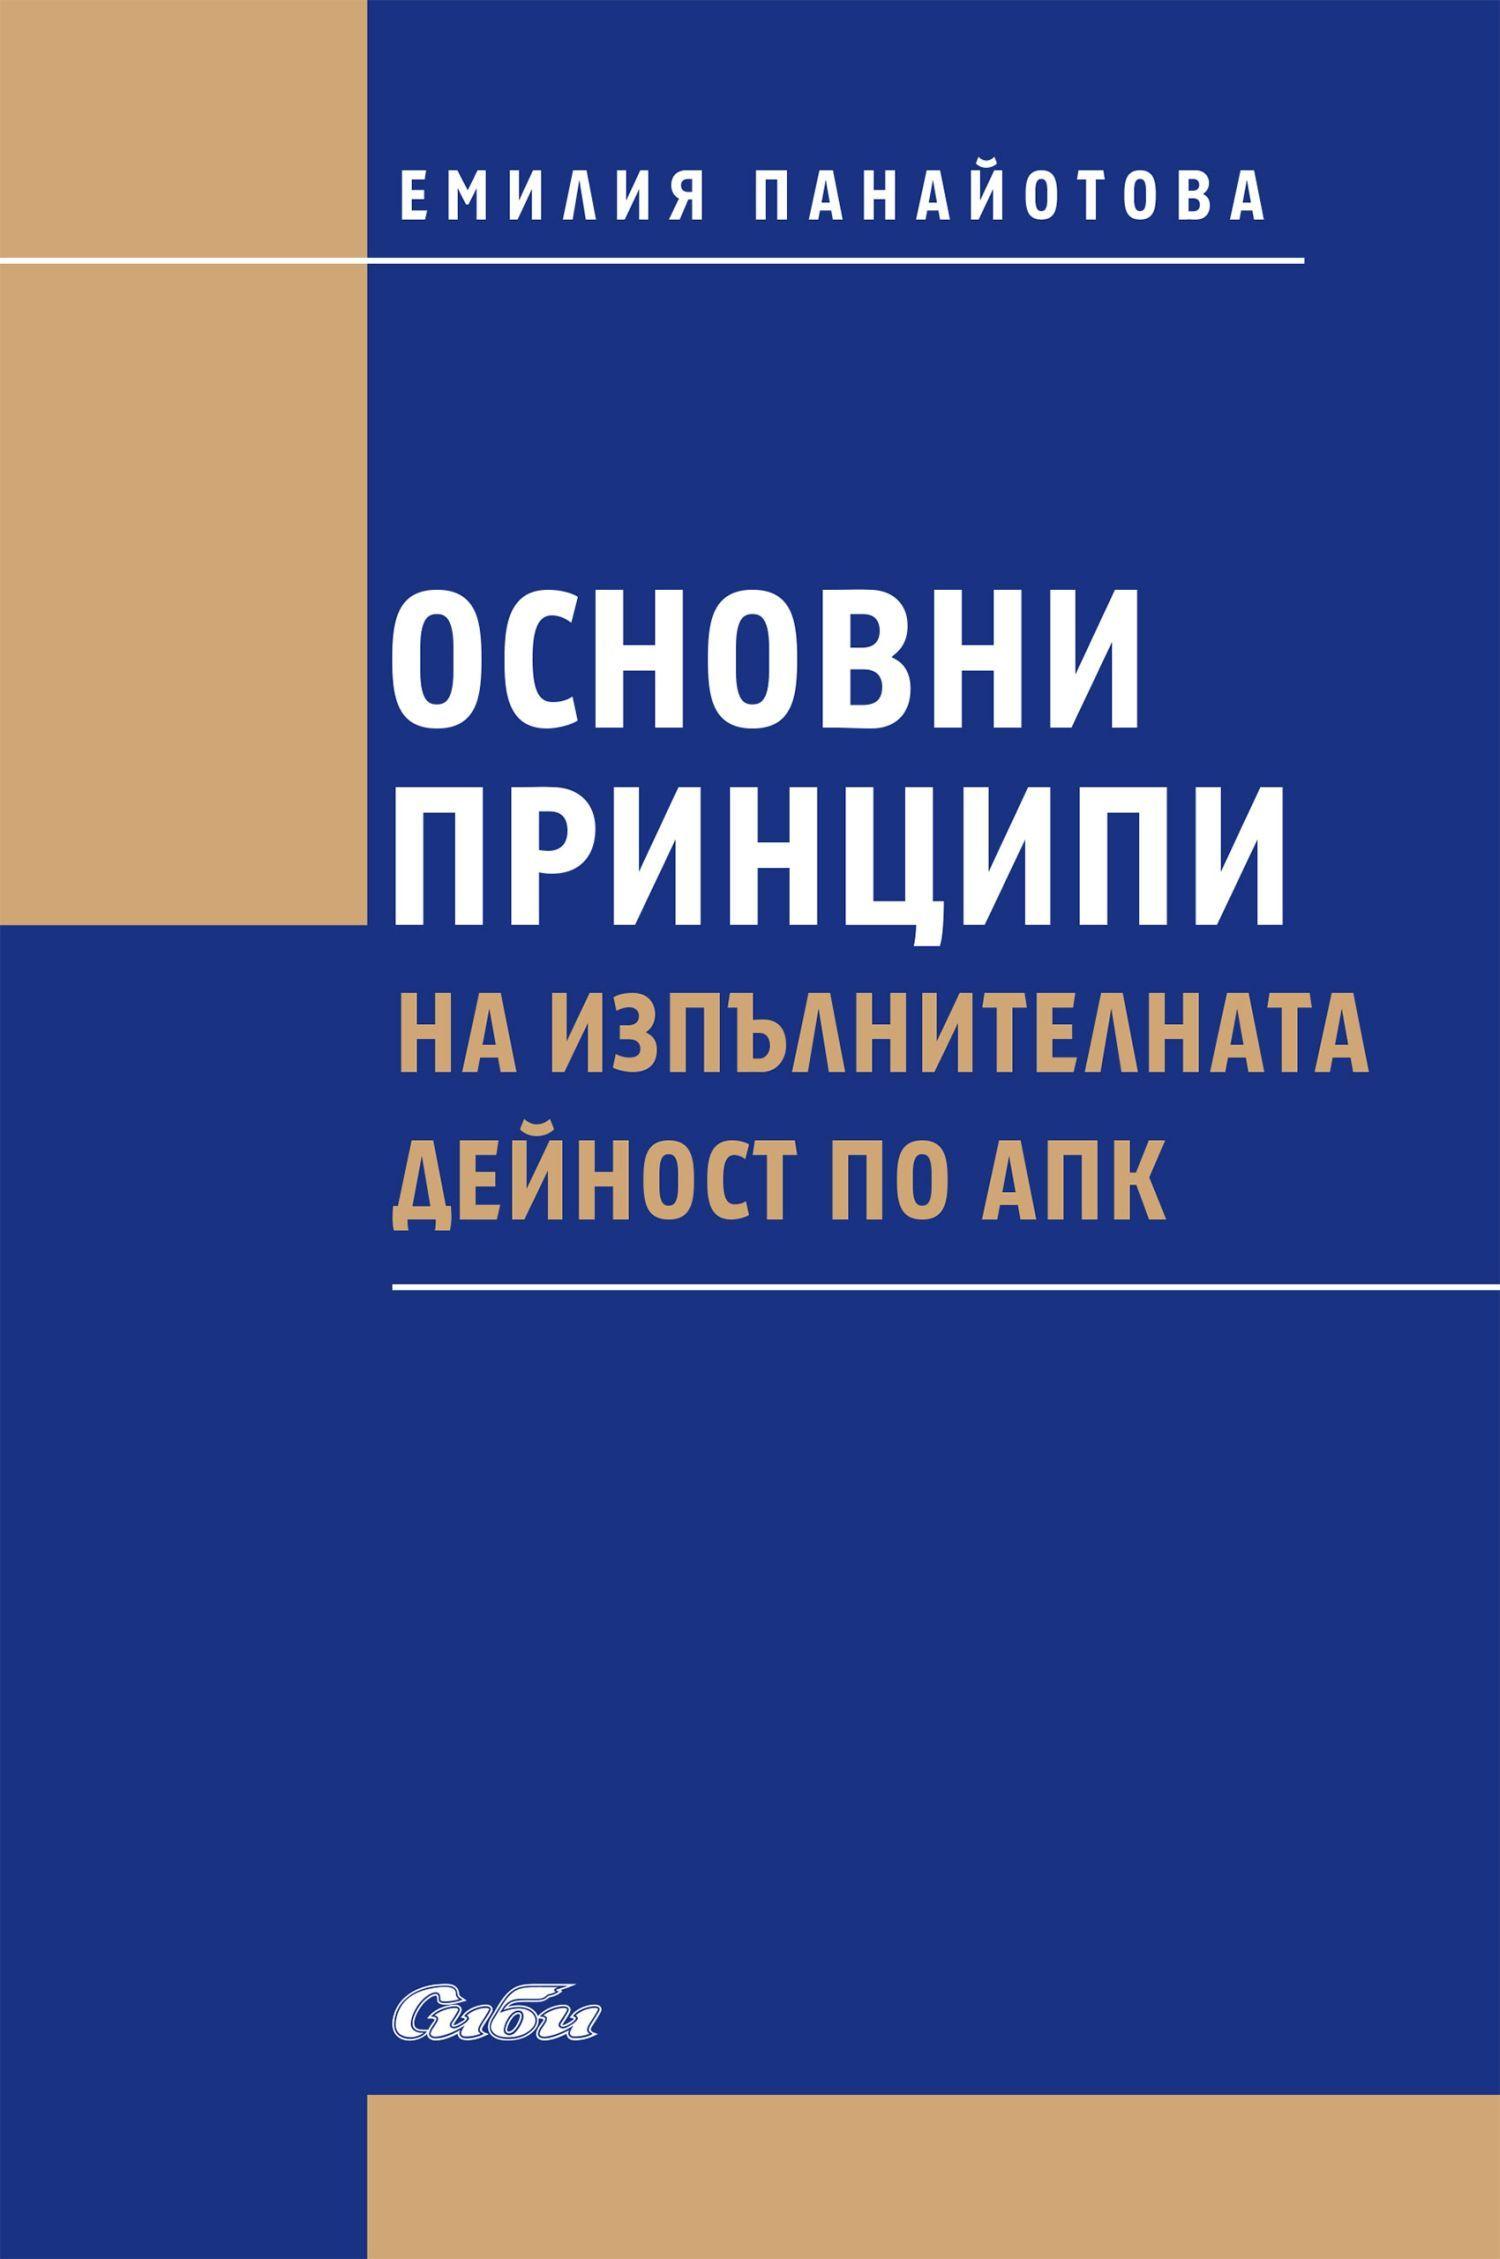 Основни принципи на изпълнителната дейност по АПК - 1